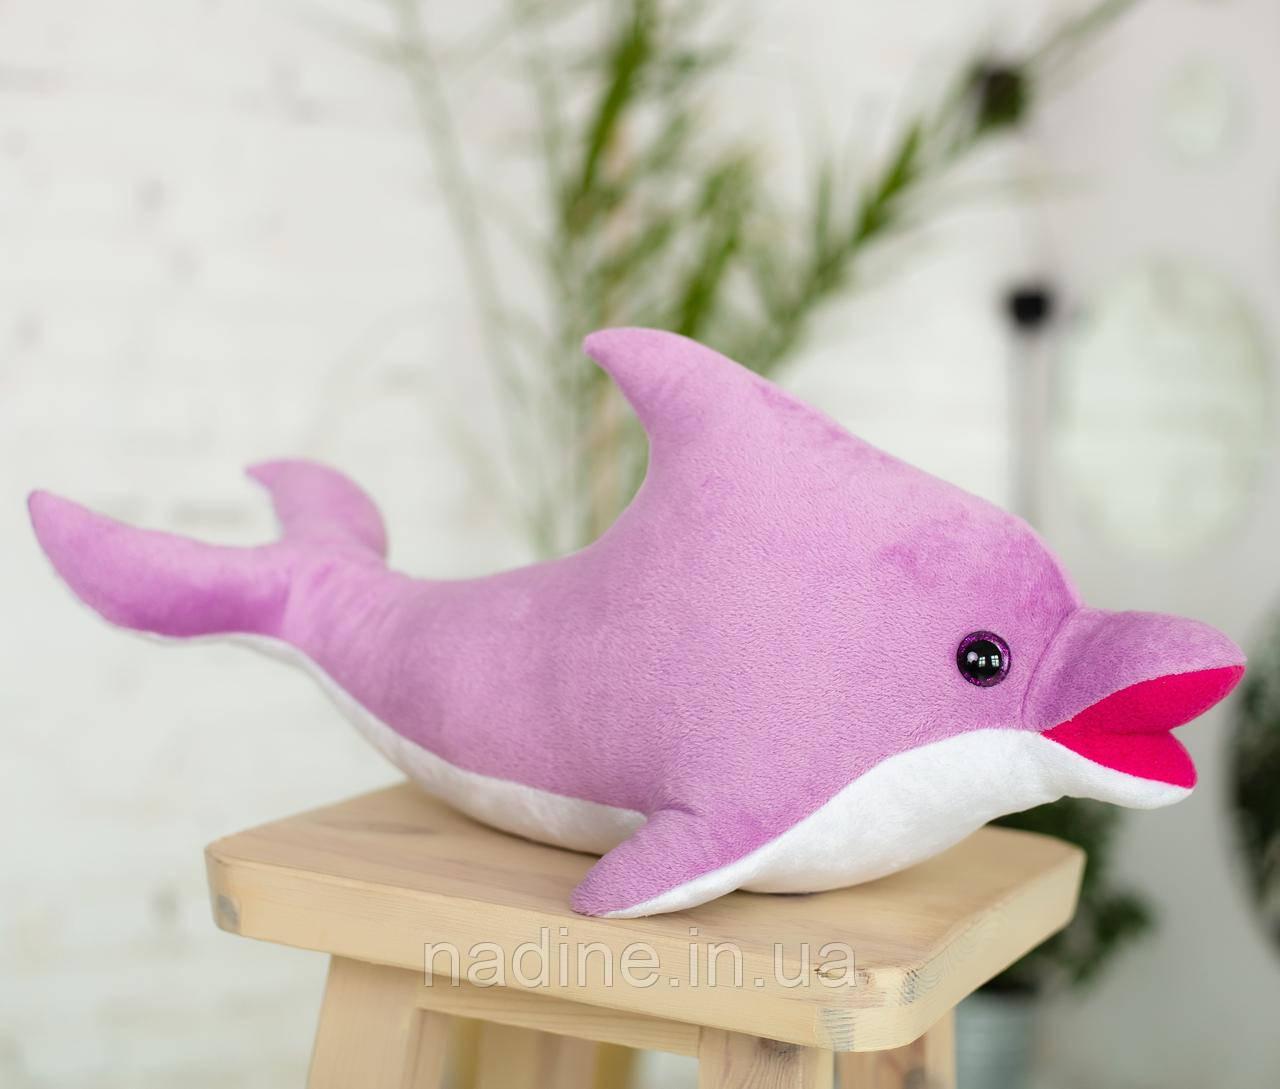 Дельфин игрушка Eirena Nadine (312-L-30) плюшевый 30 см лиловый